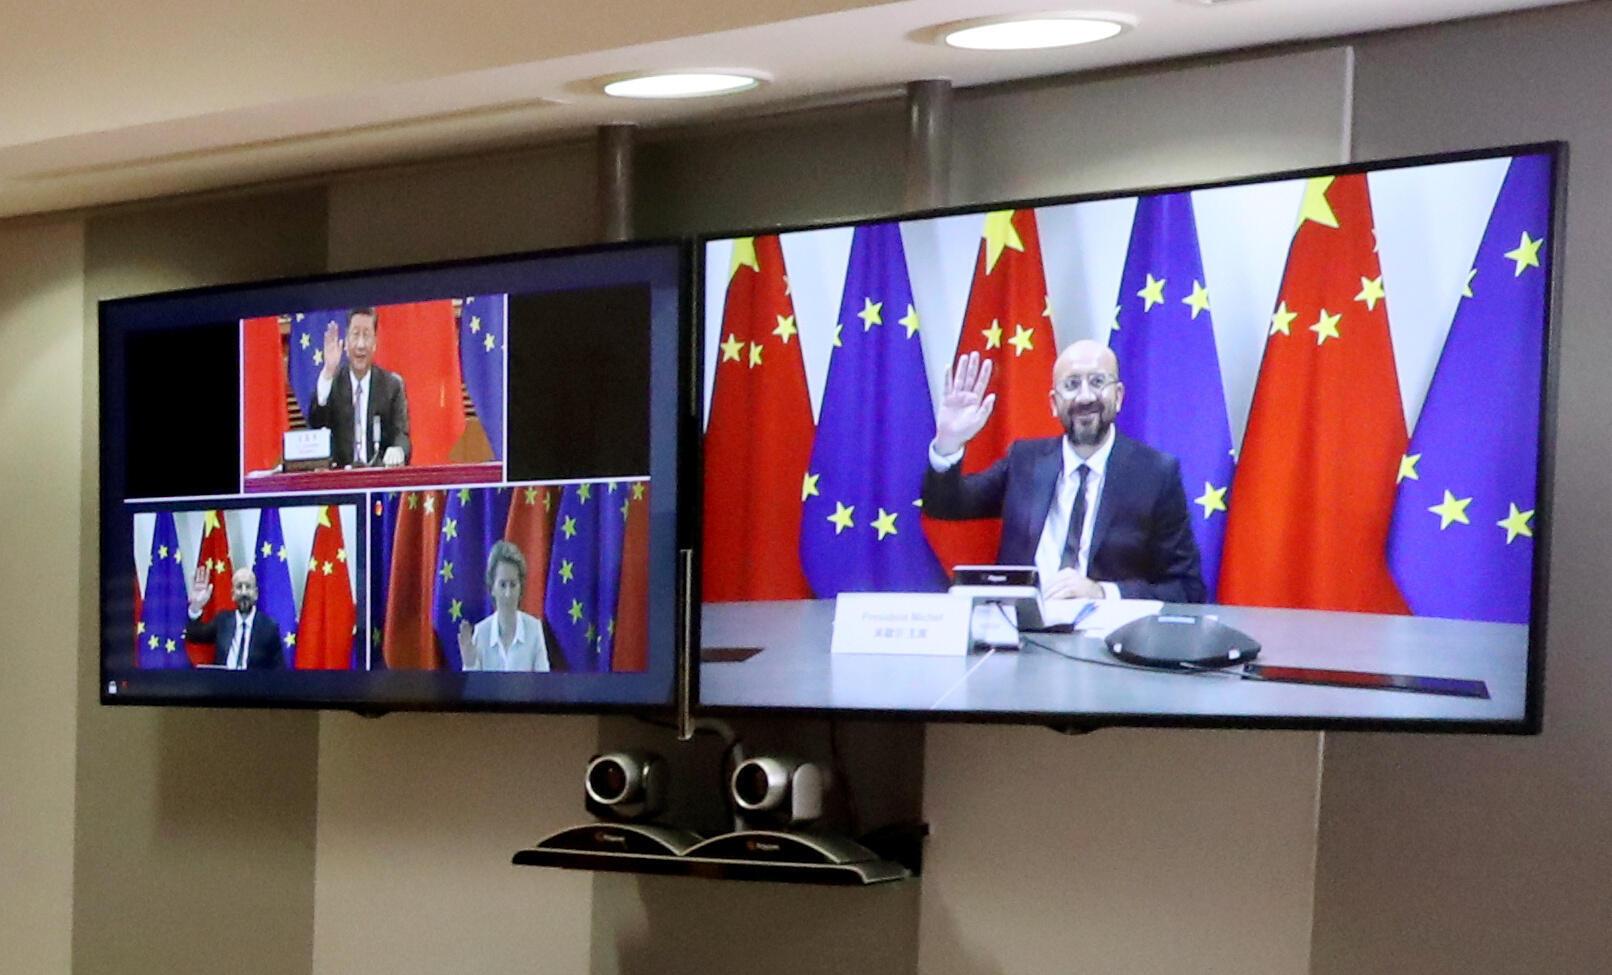 Hình ảnh về Hội Nghị Thượng Đỉnh trực tuyến LIÊN HIỆP CHÂU ÂU-TRUNG QUỐC tại Bruxelles ngày 22/06/2020.